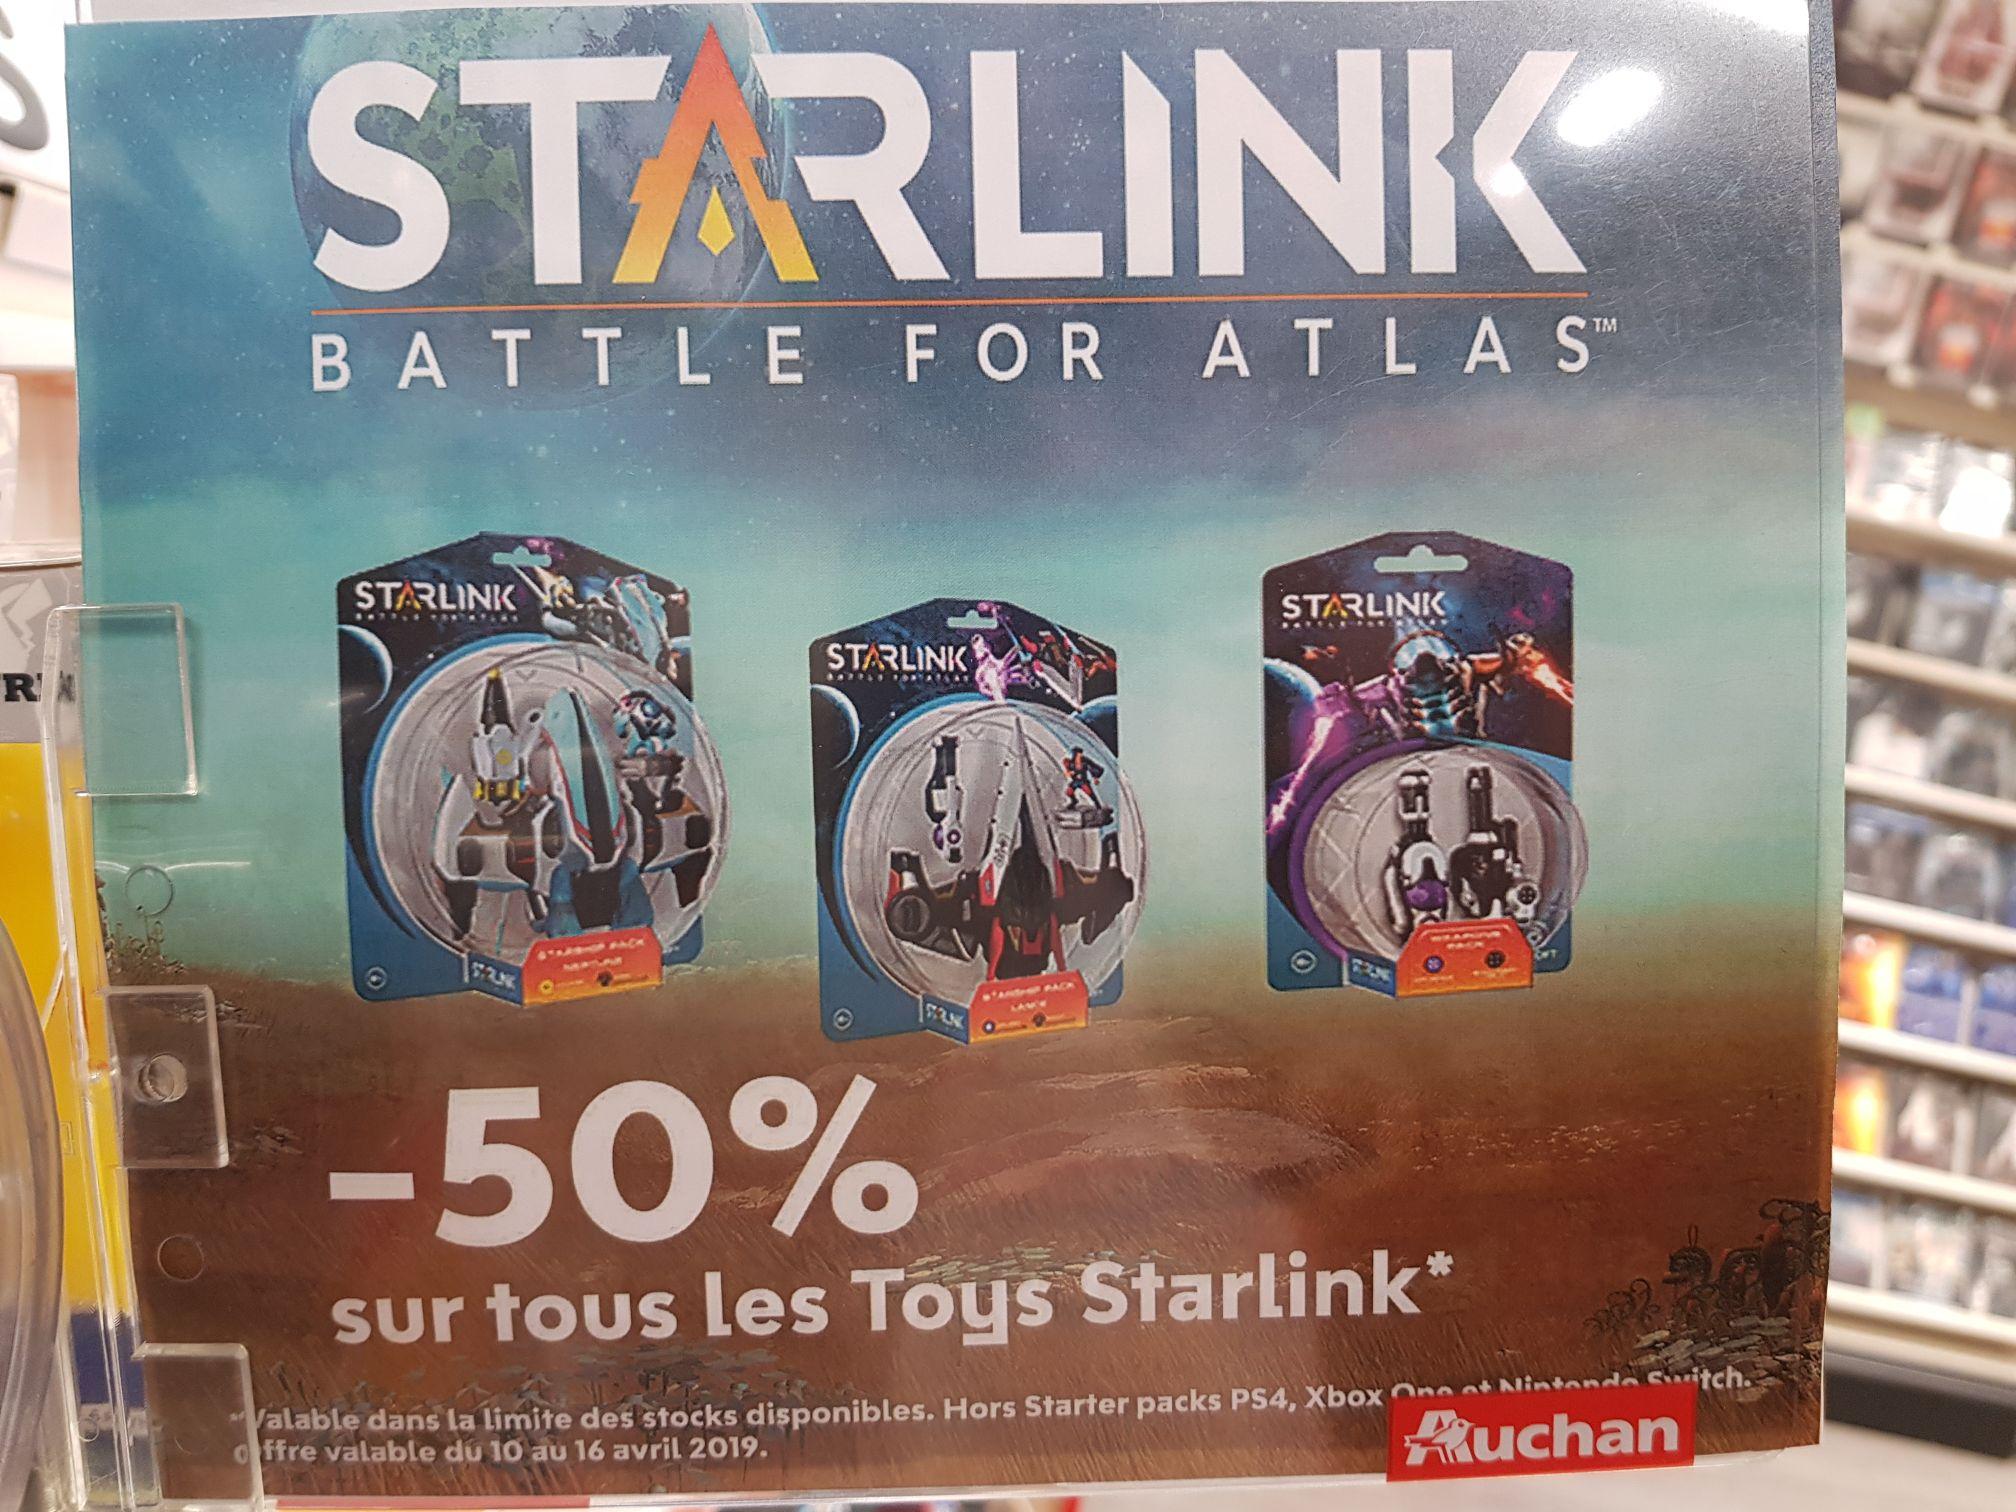 50% de réduction sur tous les accessoires Starlink - Ex: vaisseau Lance à 7,50€